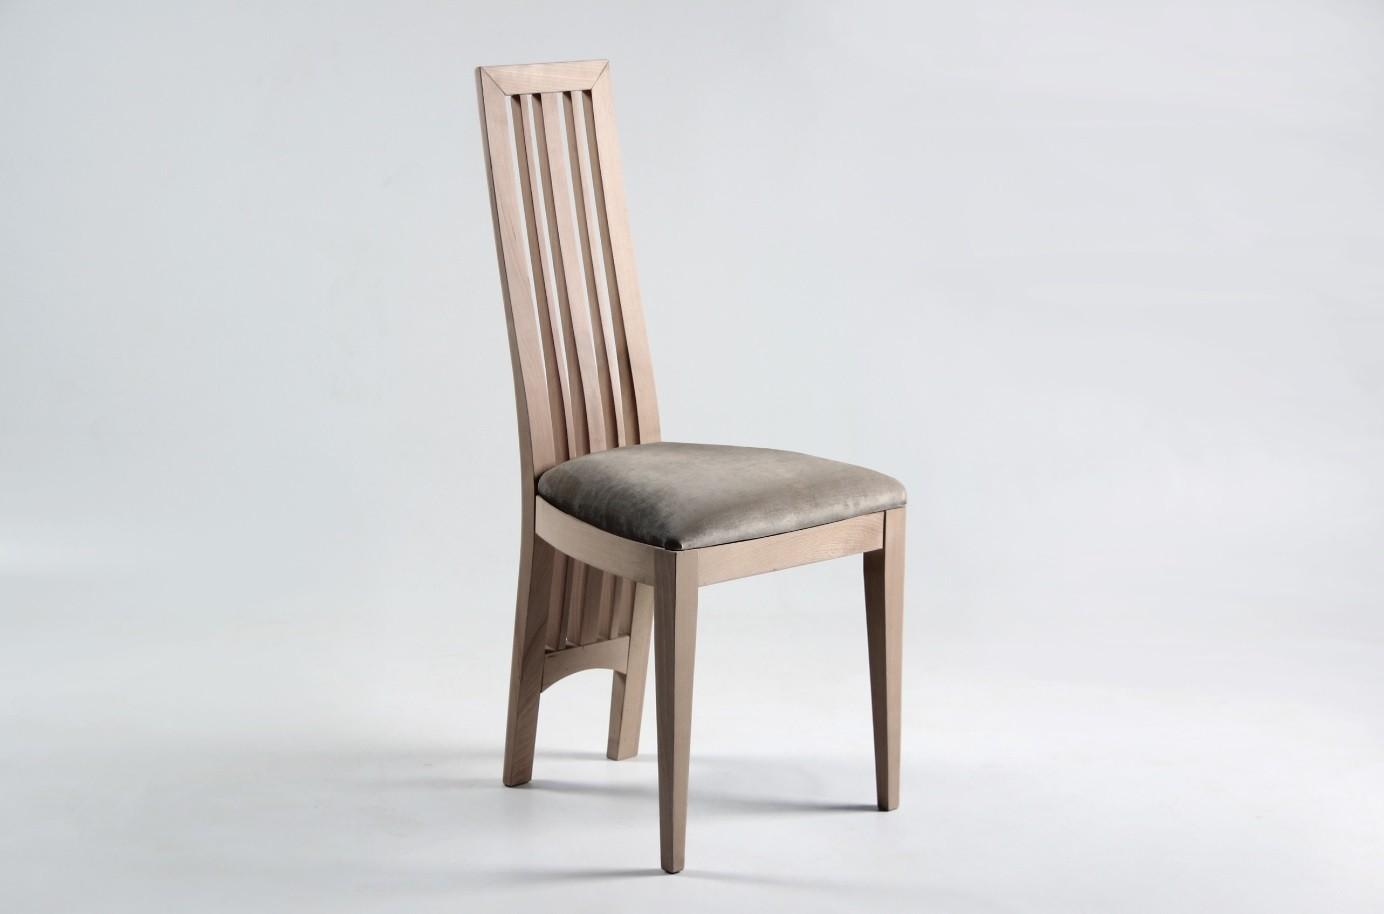 chaise moderne haut dossier en bois